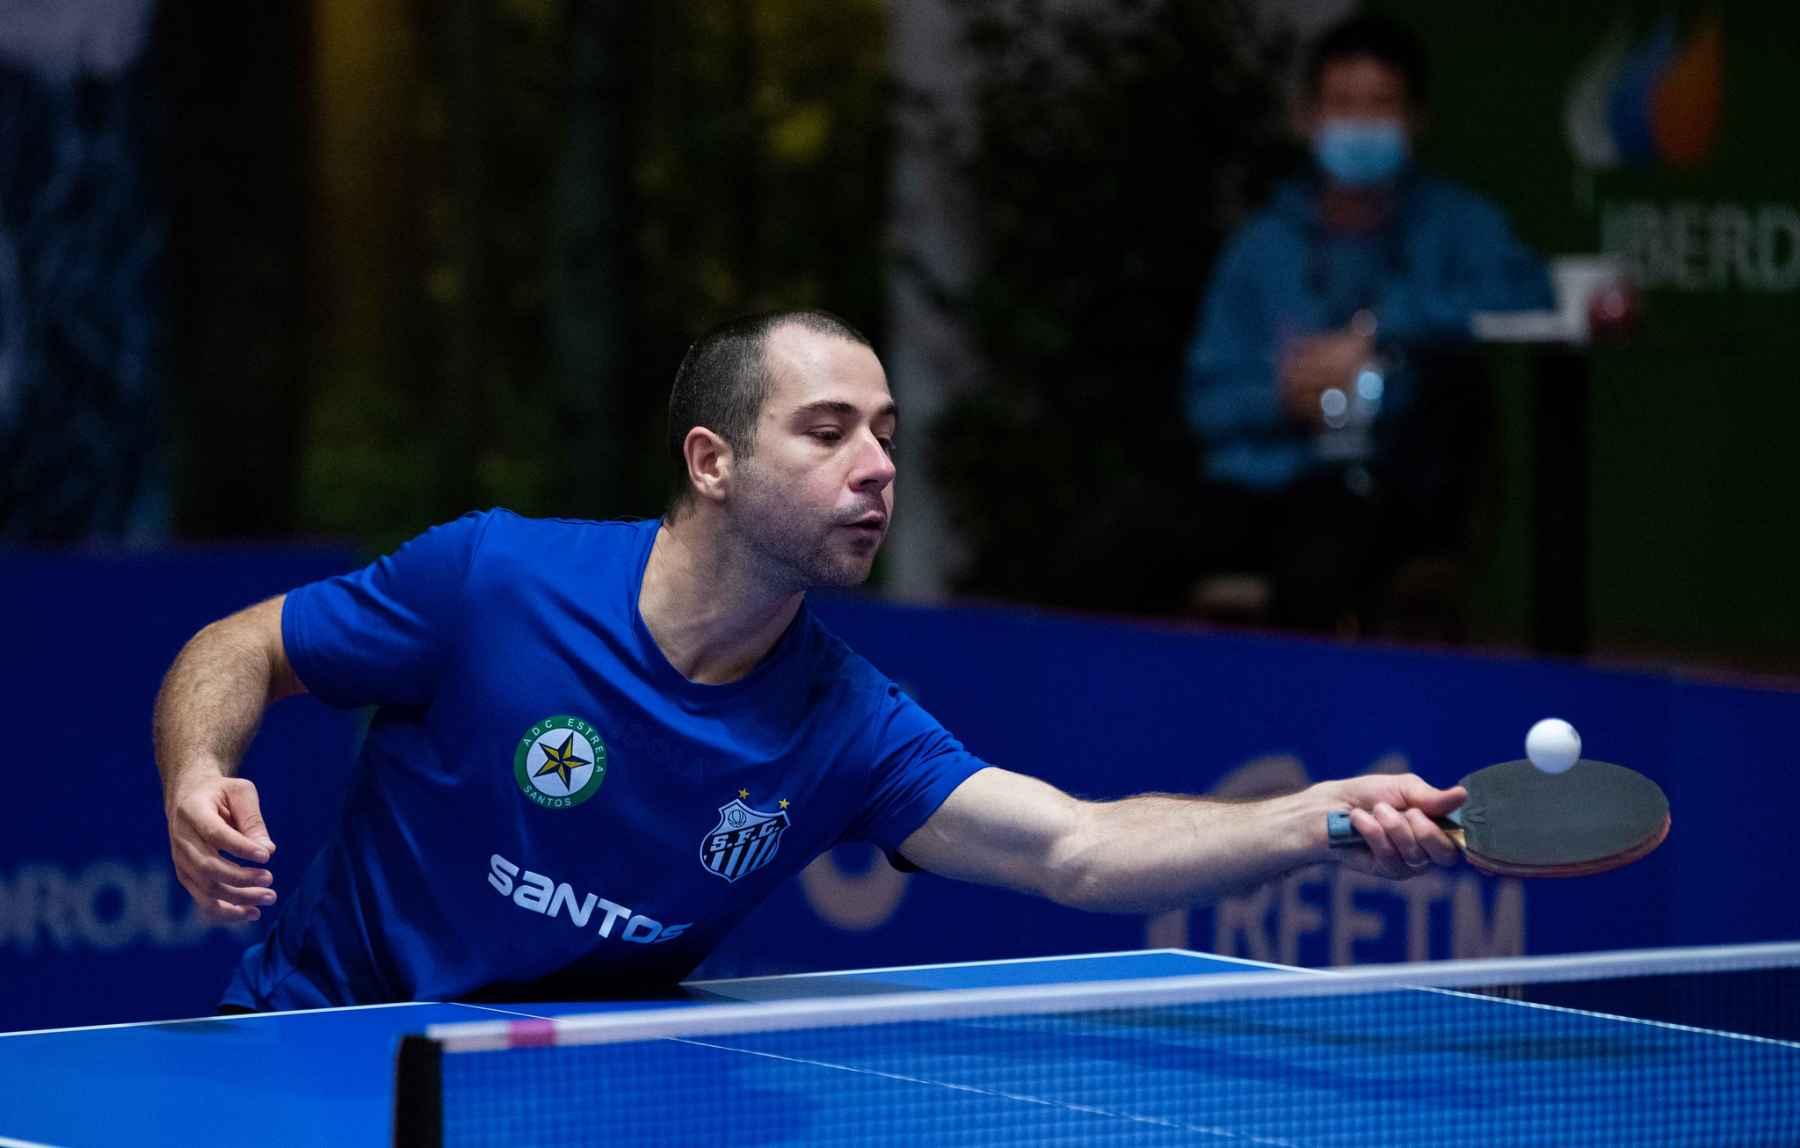 Humberto Manhani, jugador del Arteal TM (Foto: Alvaro Diaz)